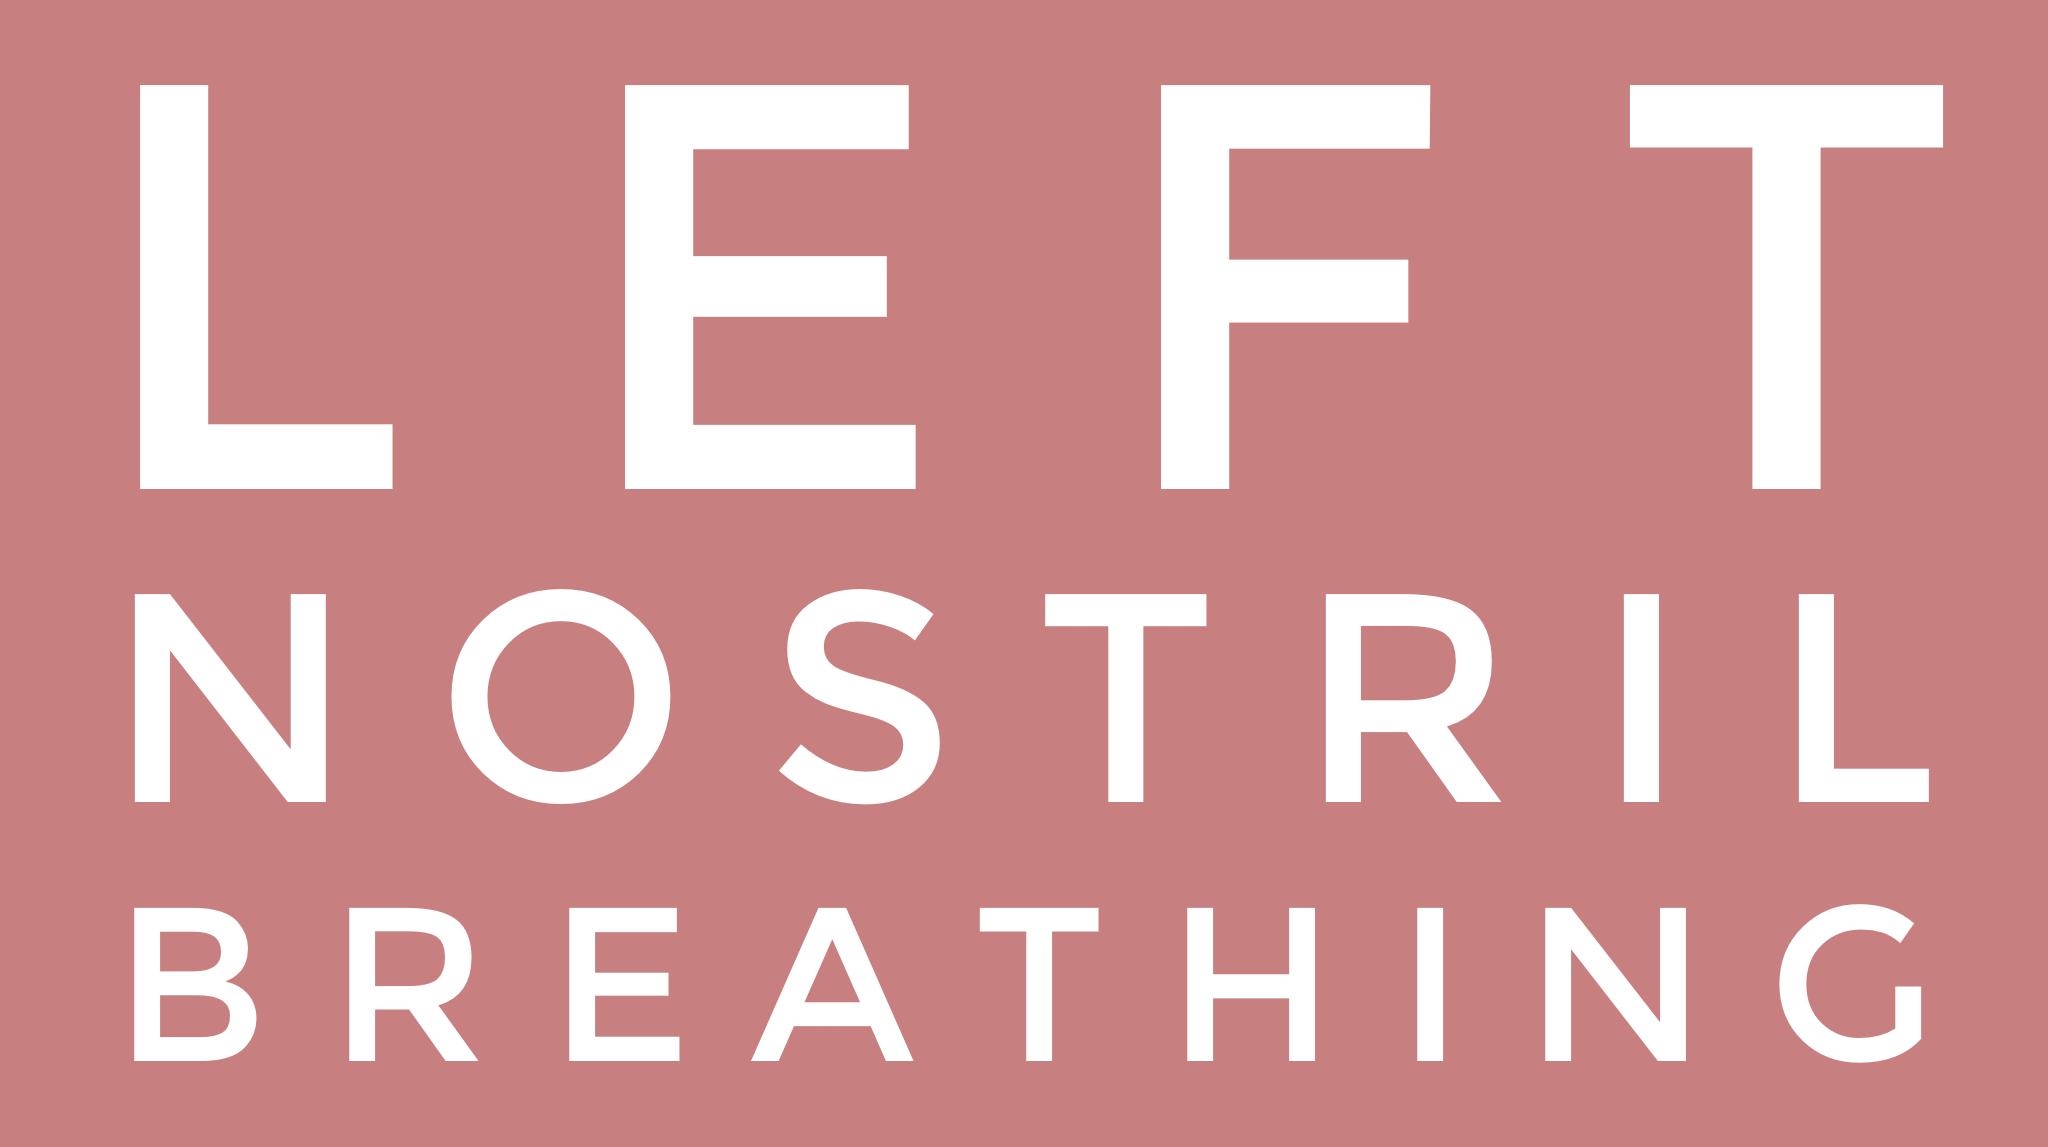 Left Nostril Breathing